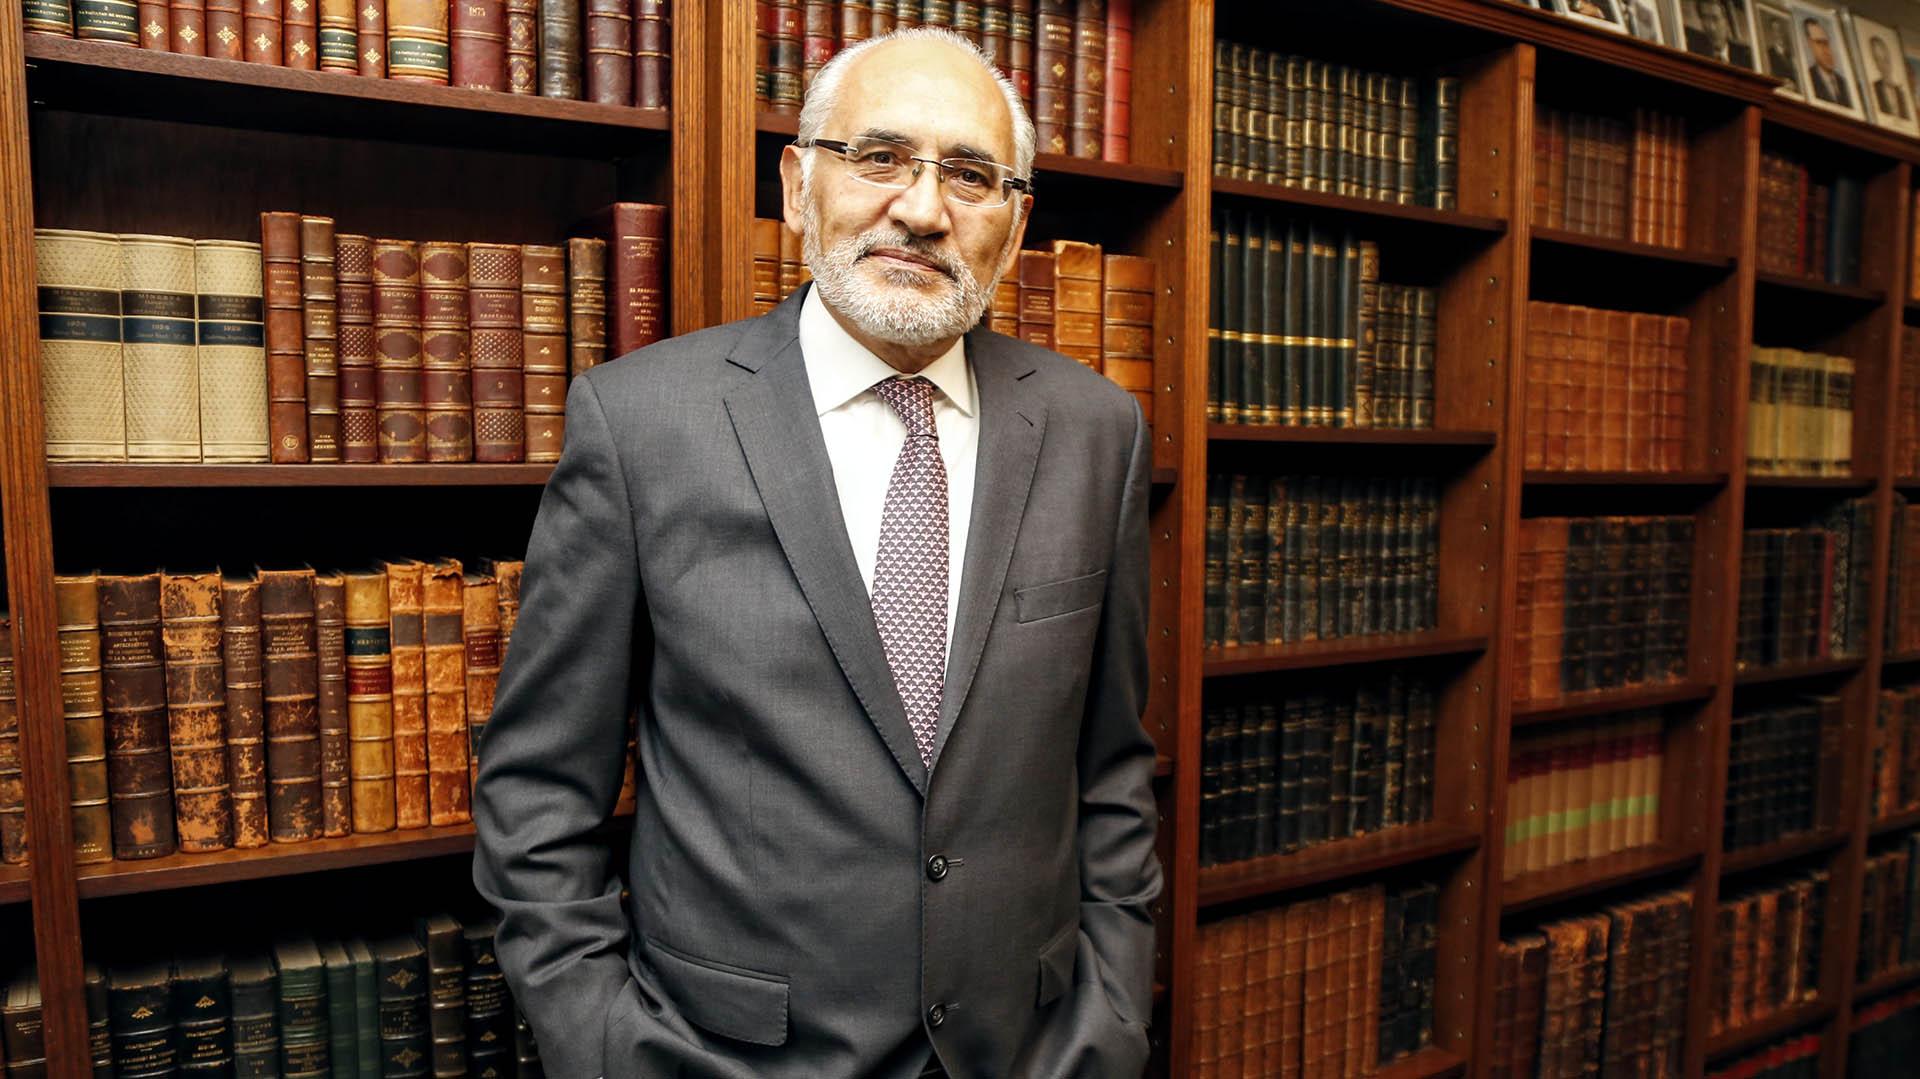 El actual candidato fue presidente de Bolivia entre 2002 y 2005 (Nicolás Aboaf)